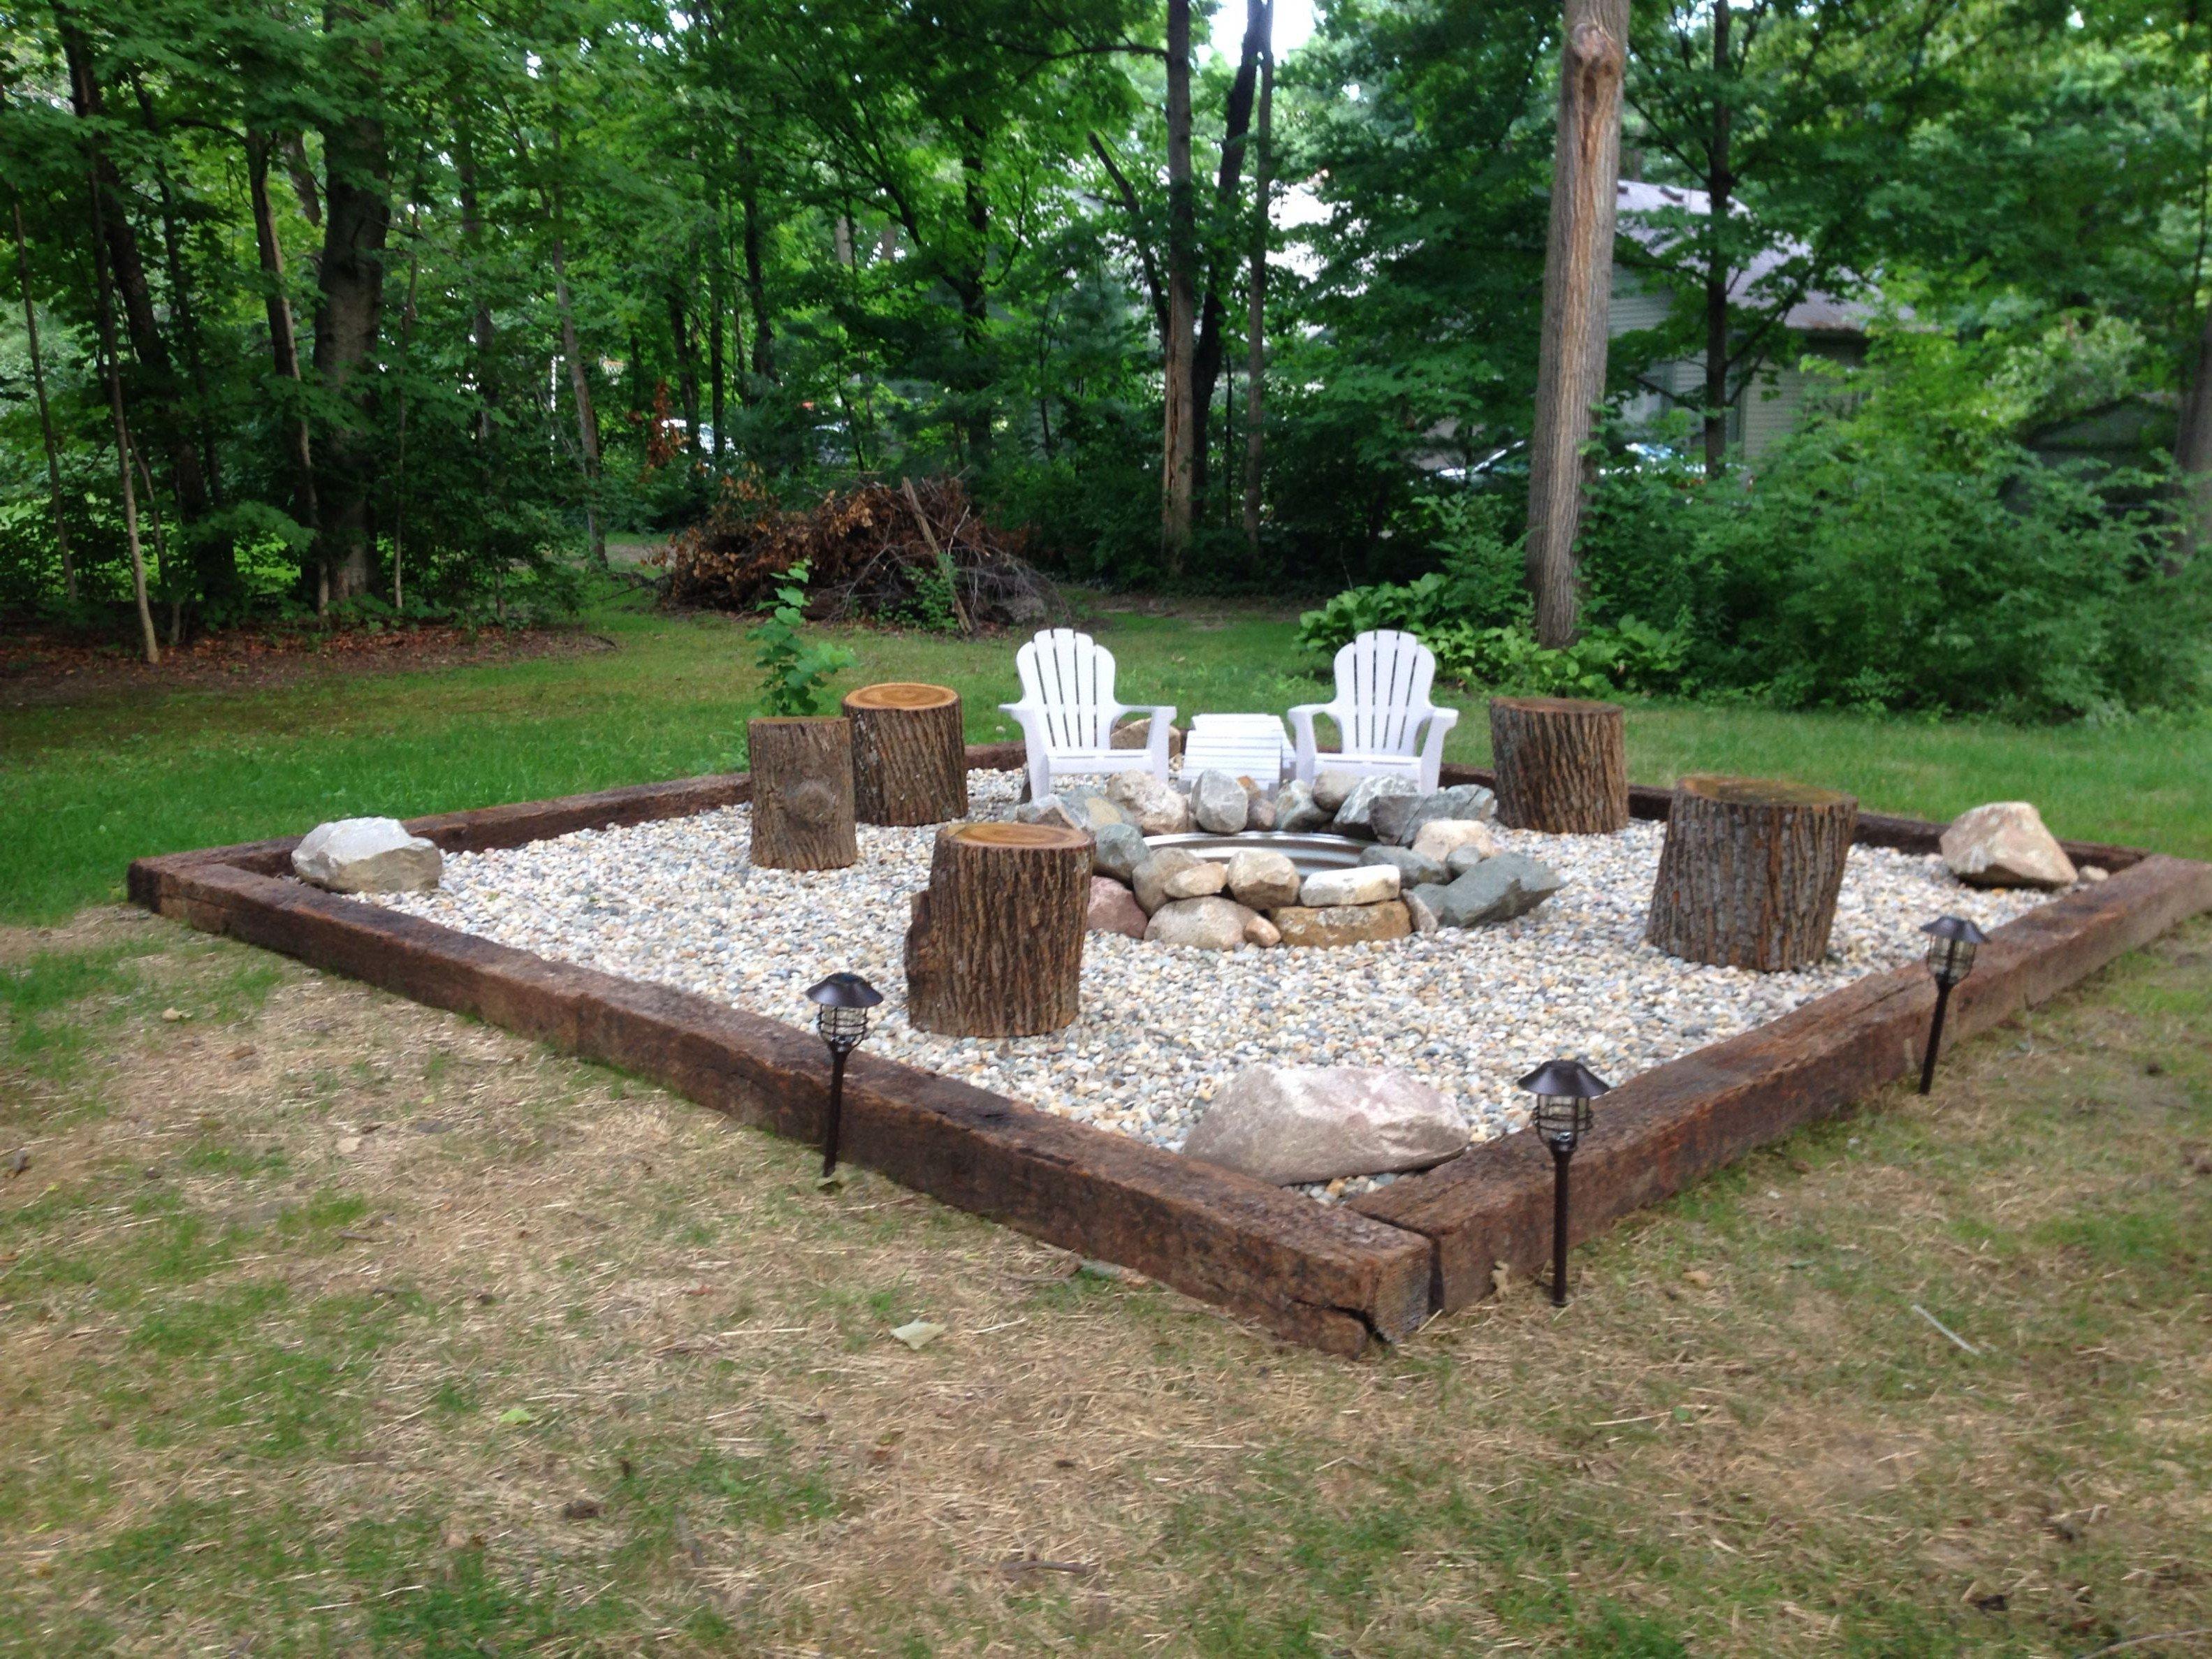 10 Best Fire Pit Ideas Outdoor Living fresh backyard fire pit ideas outdoor outdoor 2020